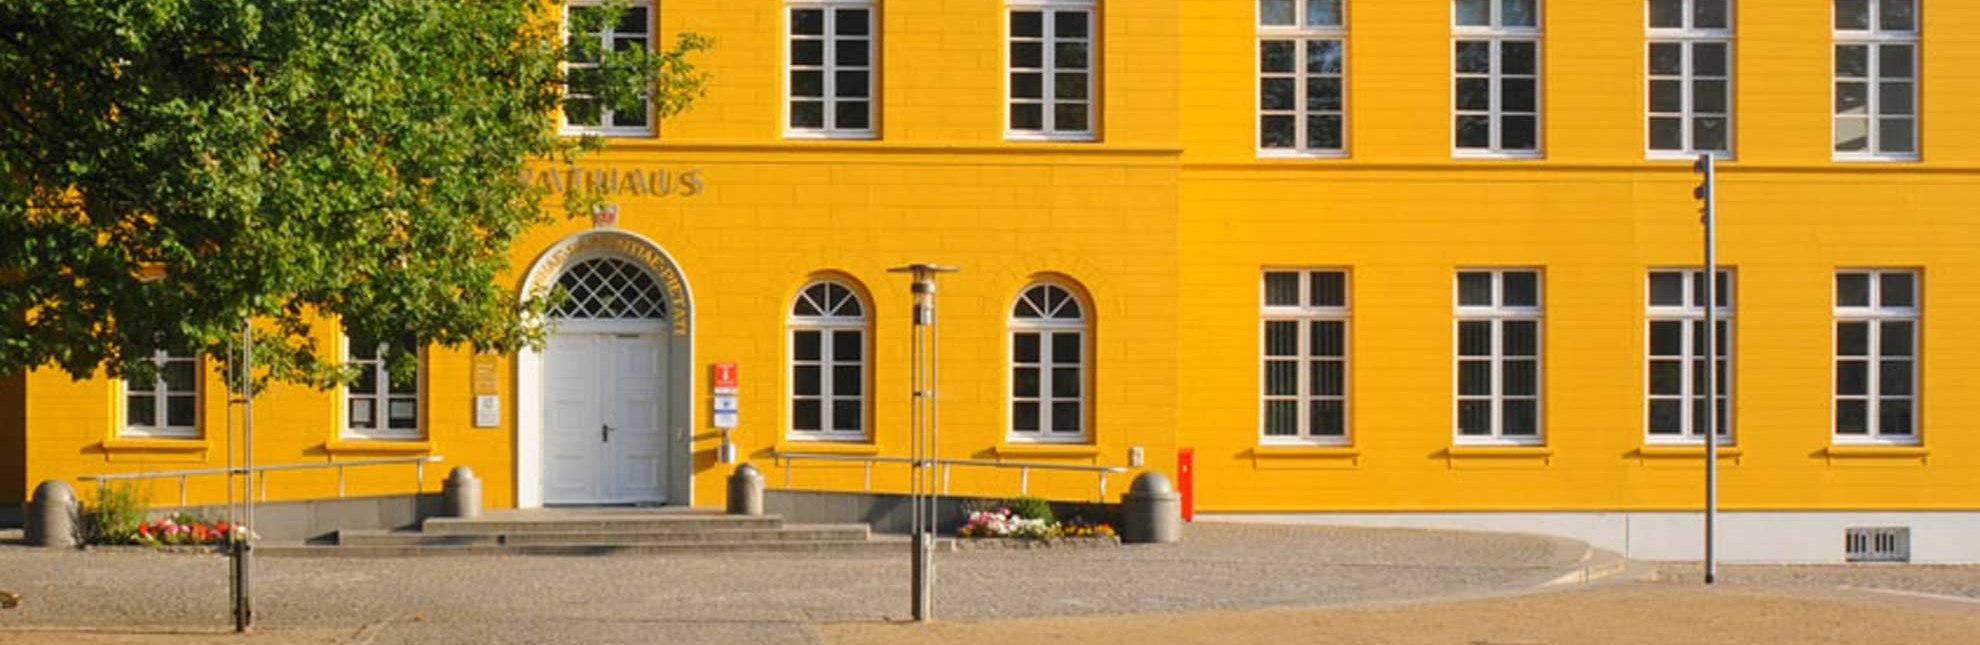 Rathaus Ratzeburg mit Touristinformation, © Tourist-Information Ratzeburg